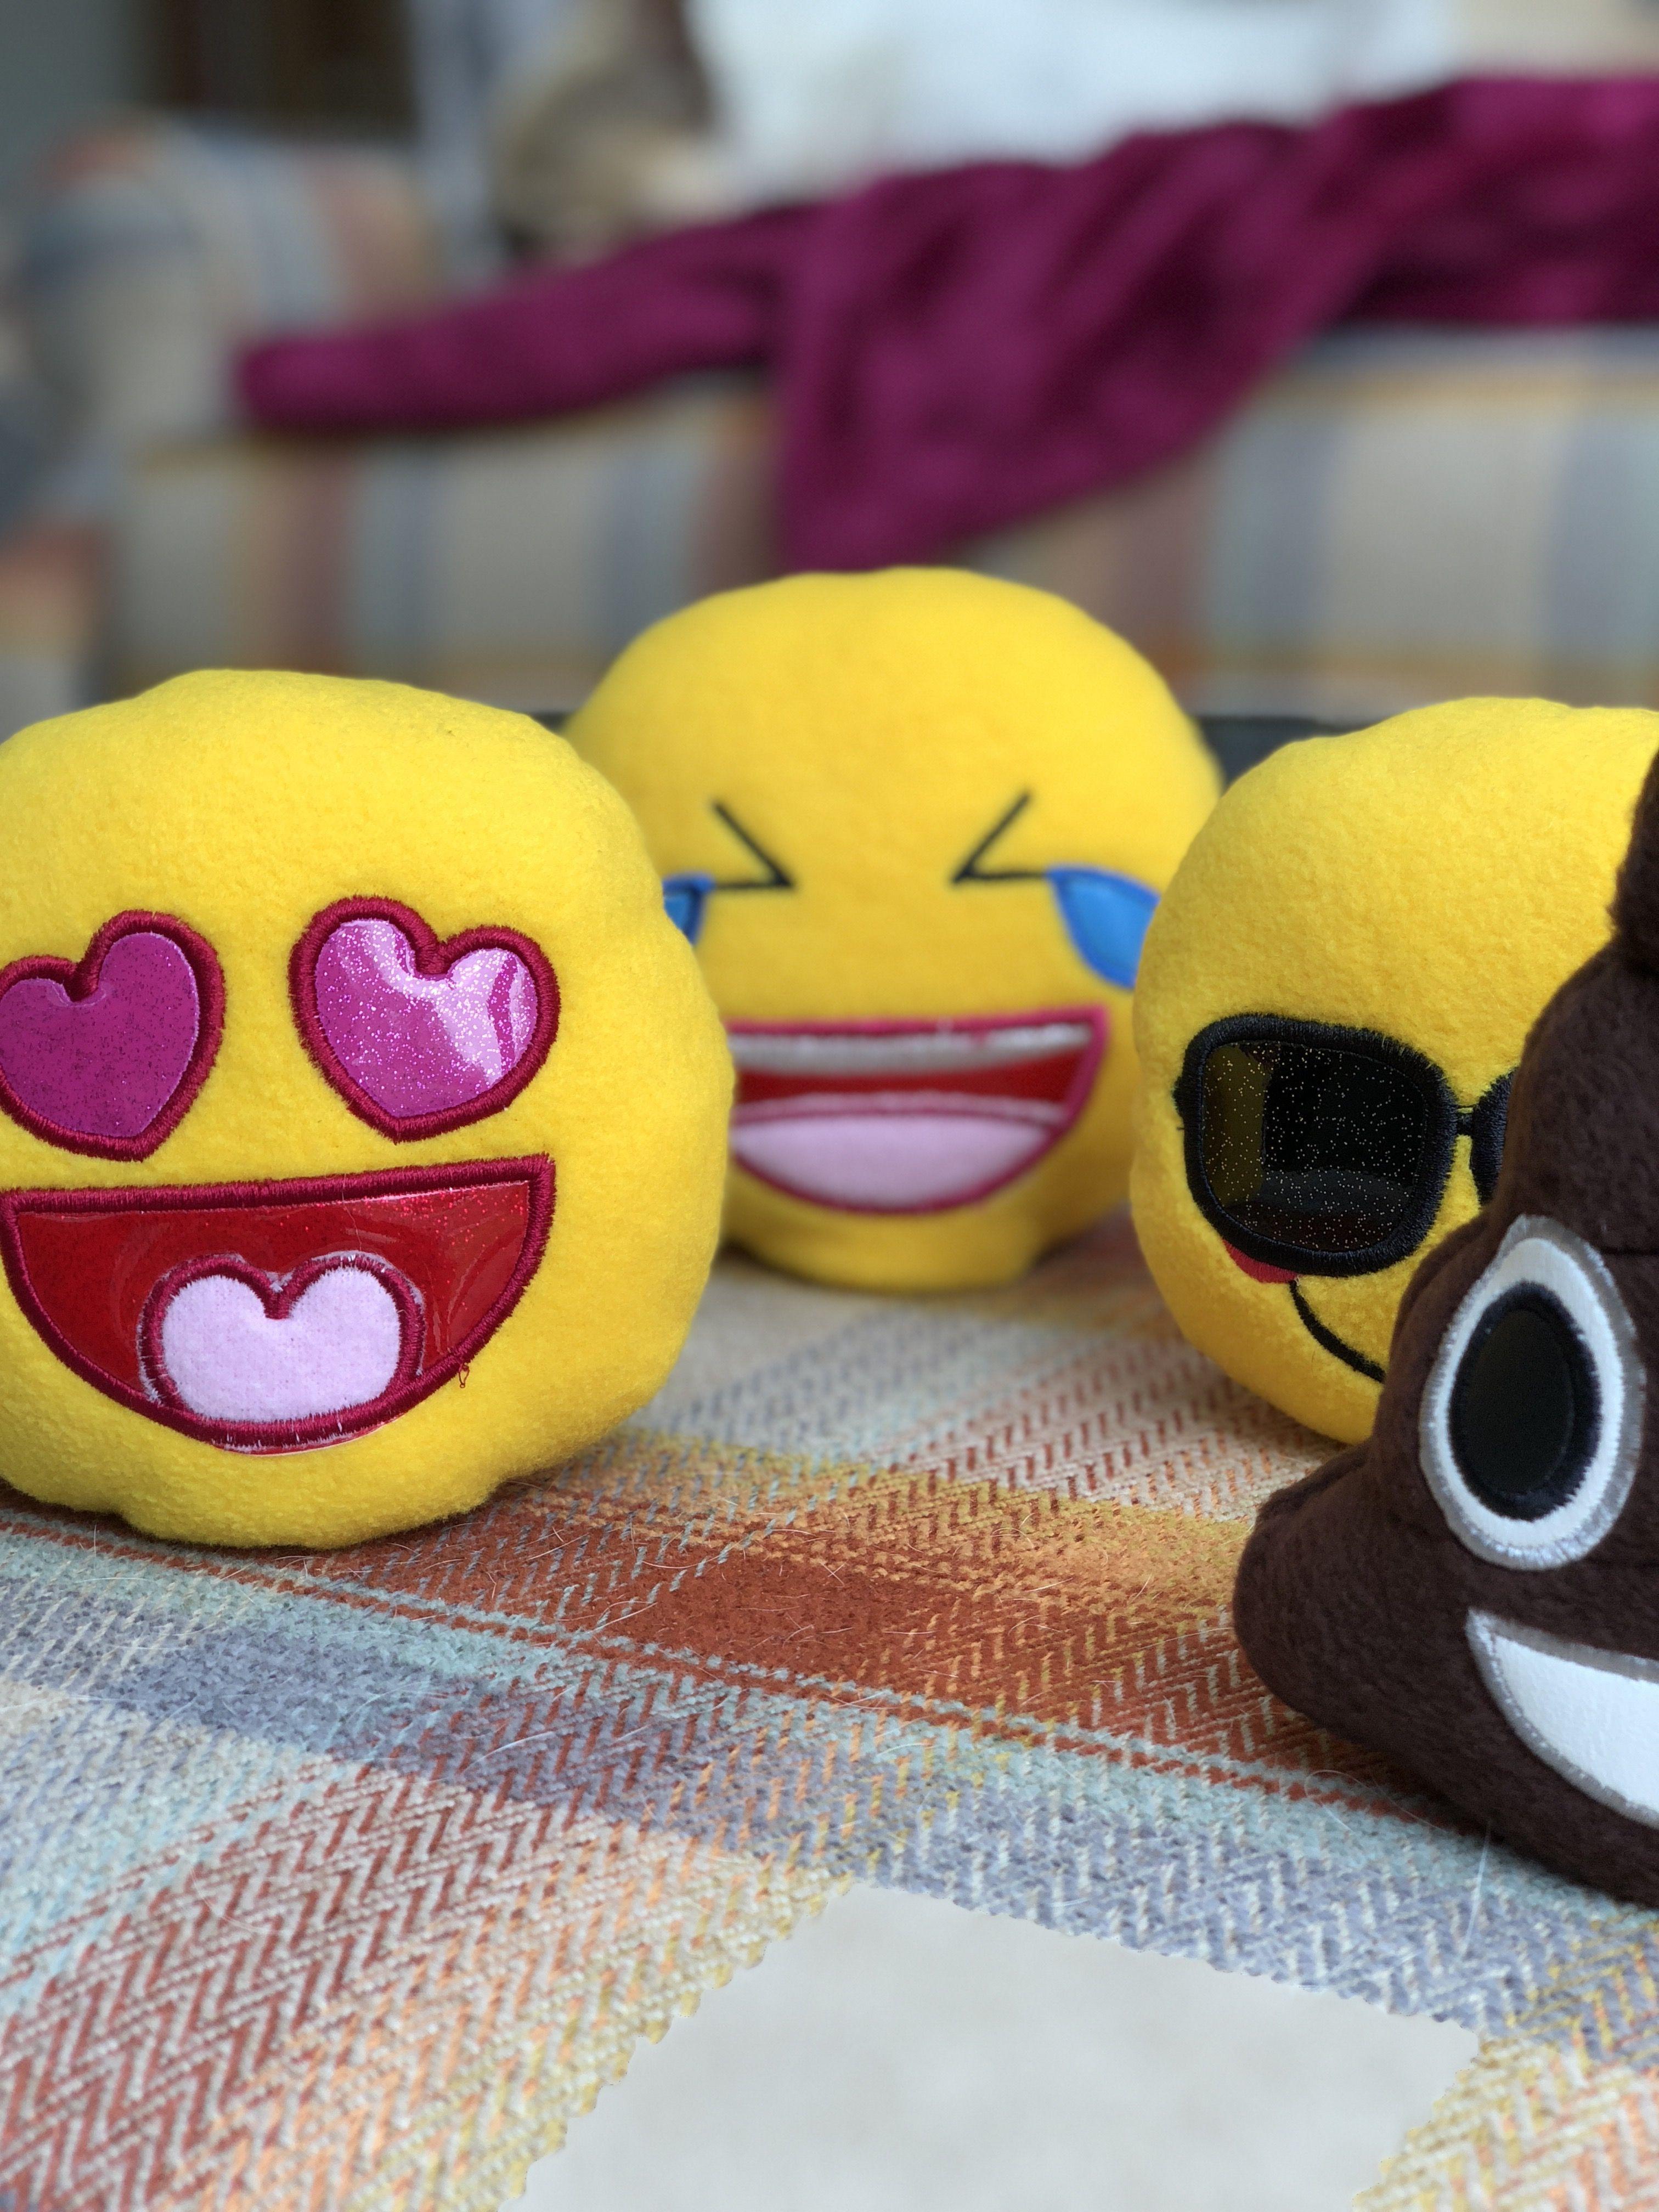 Cute Emoji Dog Toys Soft Toy Dog